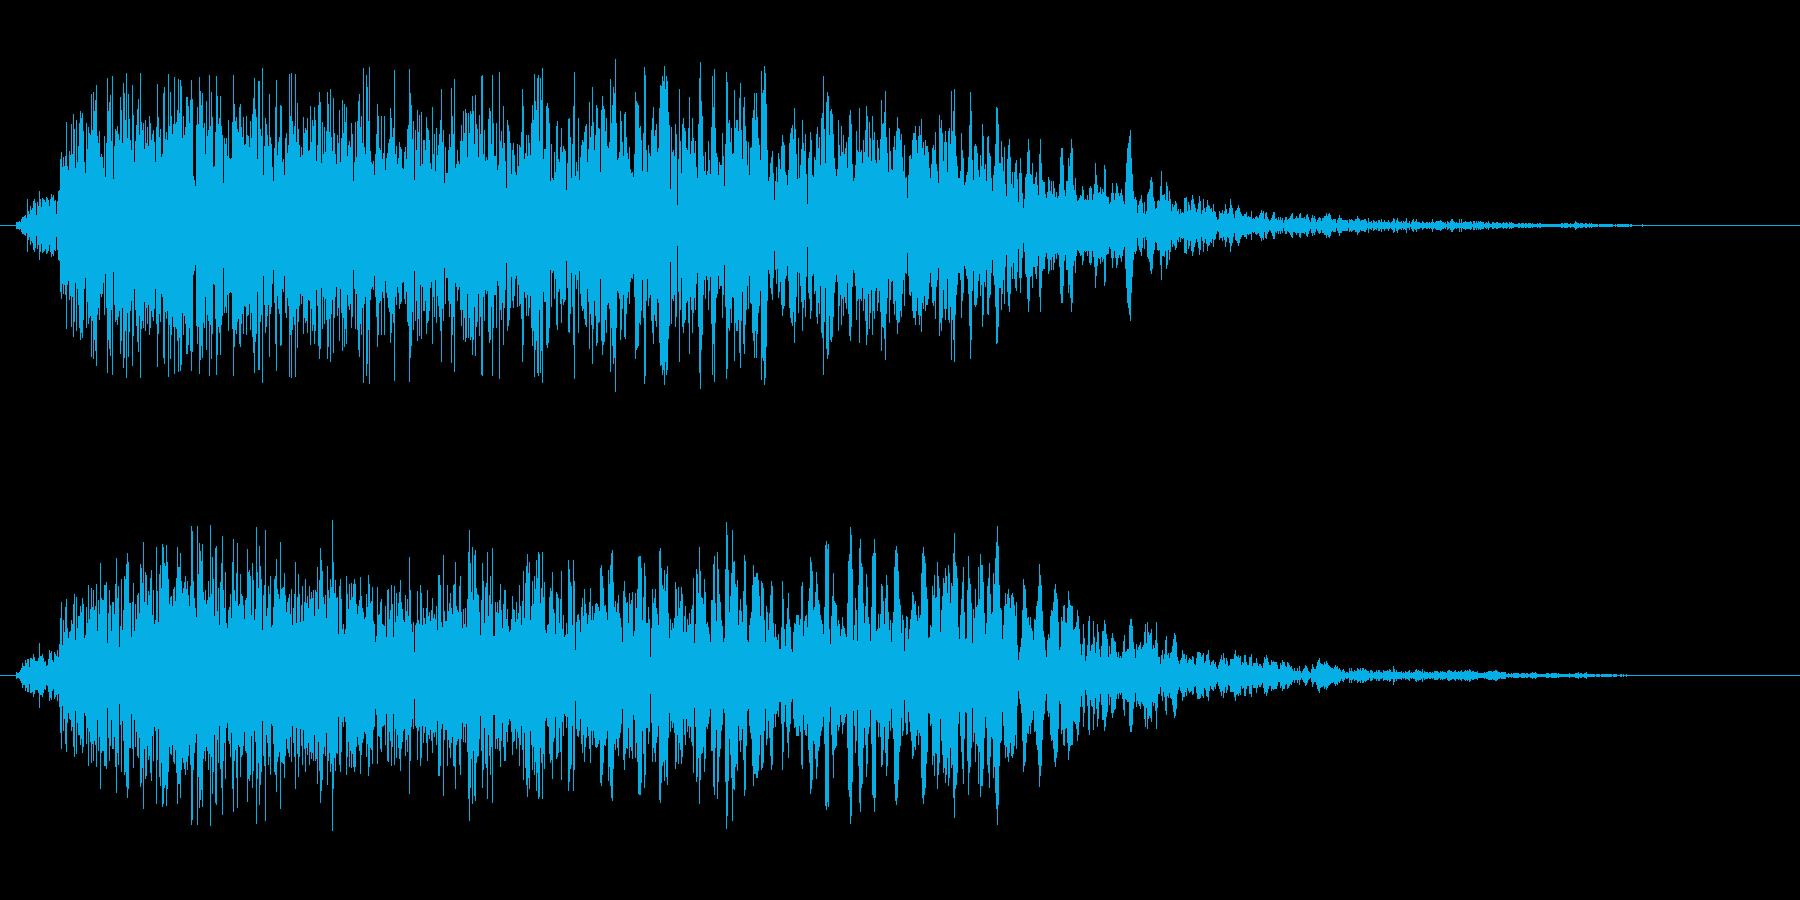 フーシューというエアー音の再生済みの波形